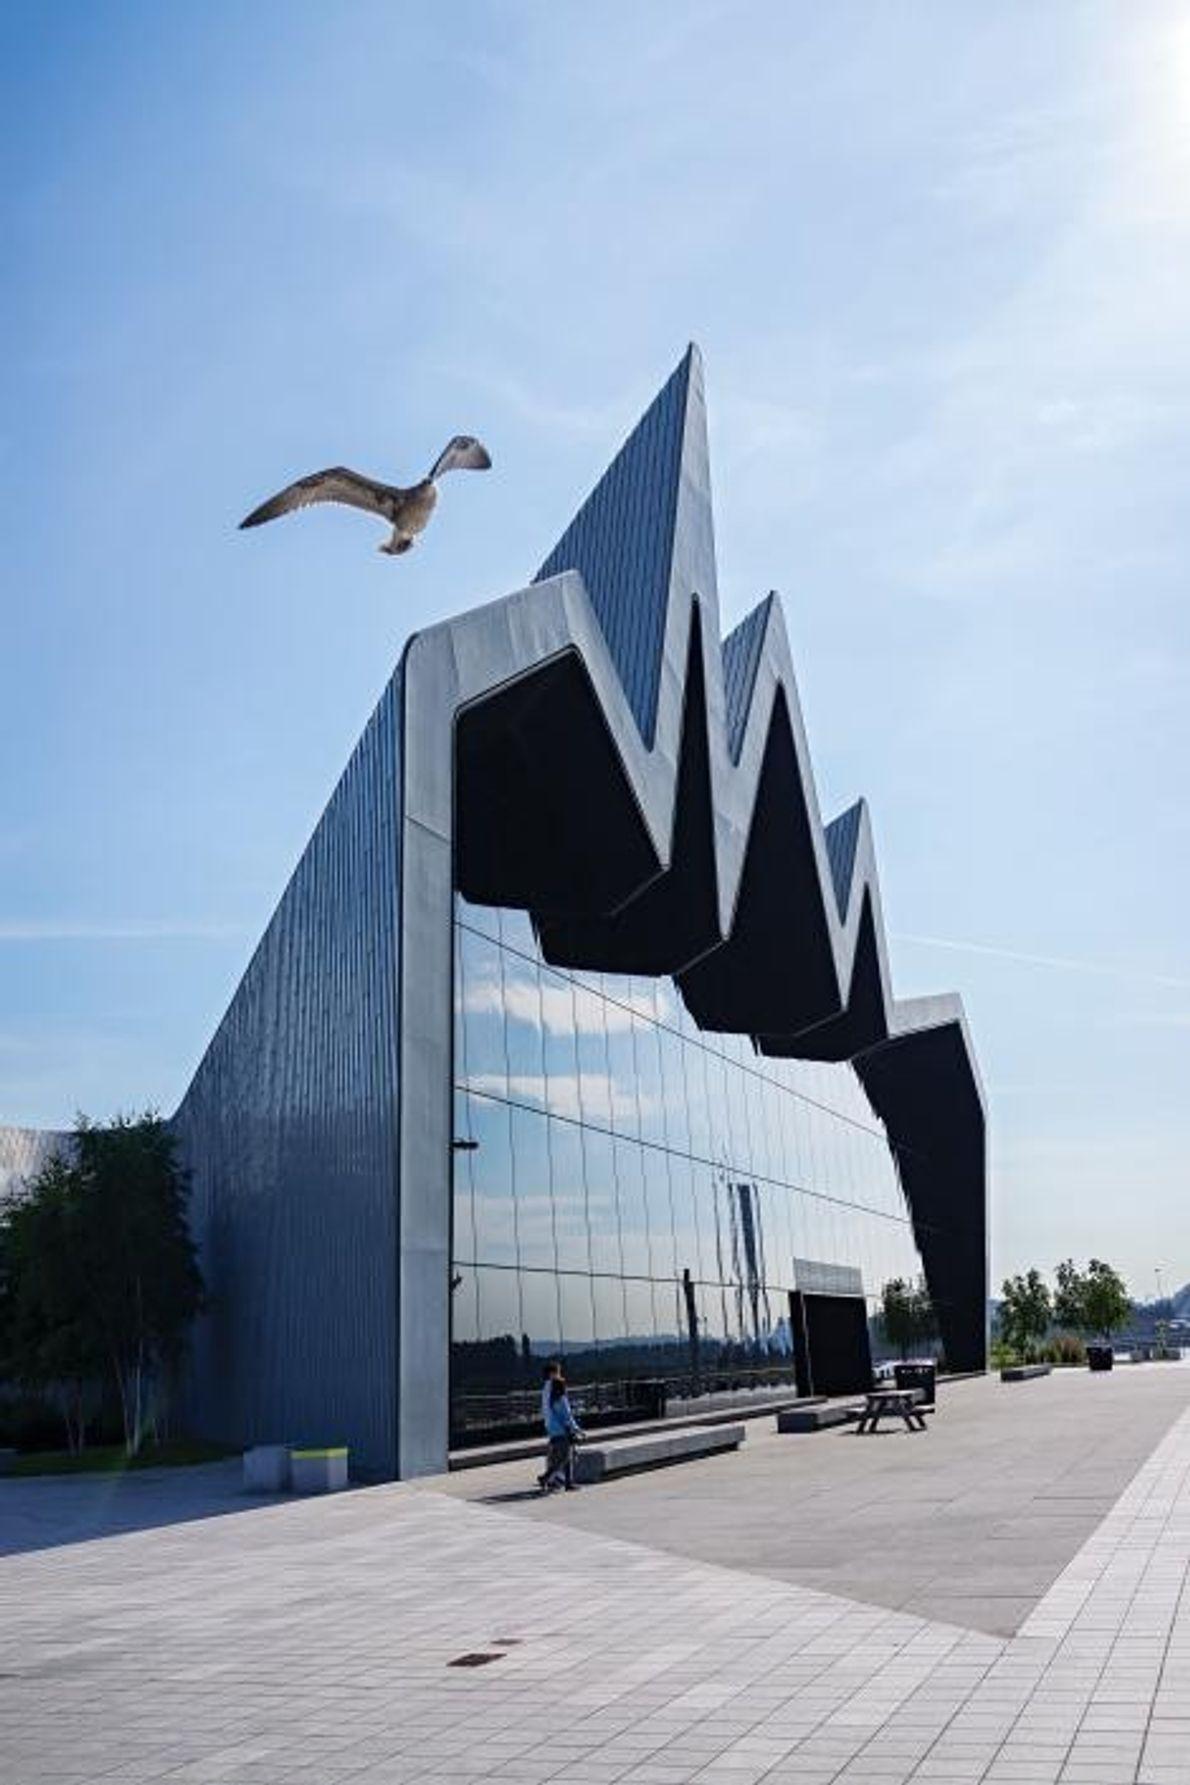 Le musée Riverside, conçu par Zaha Hadid, raconte l'histoire des transports de la ville.